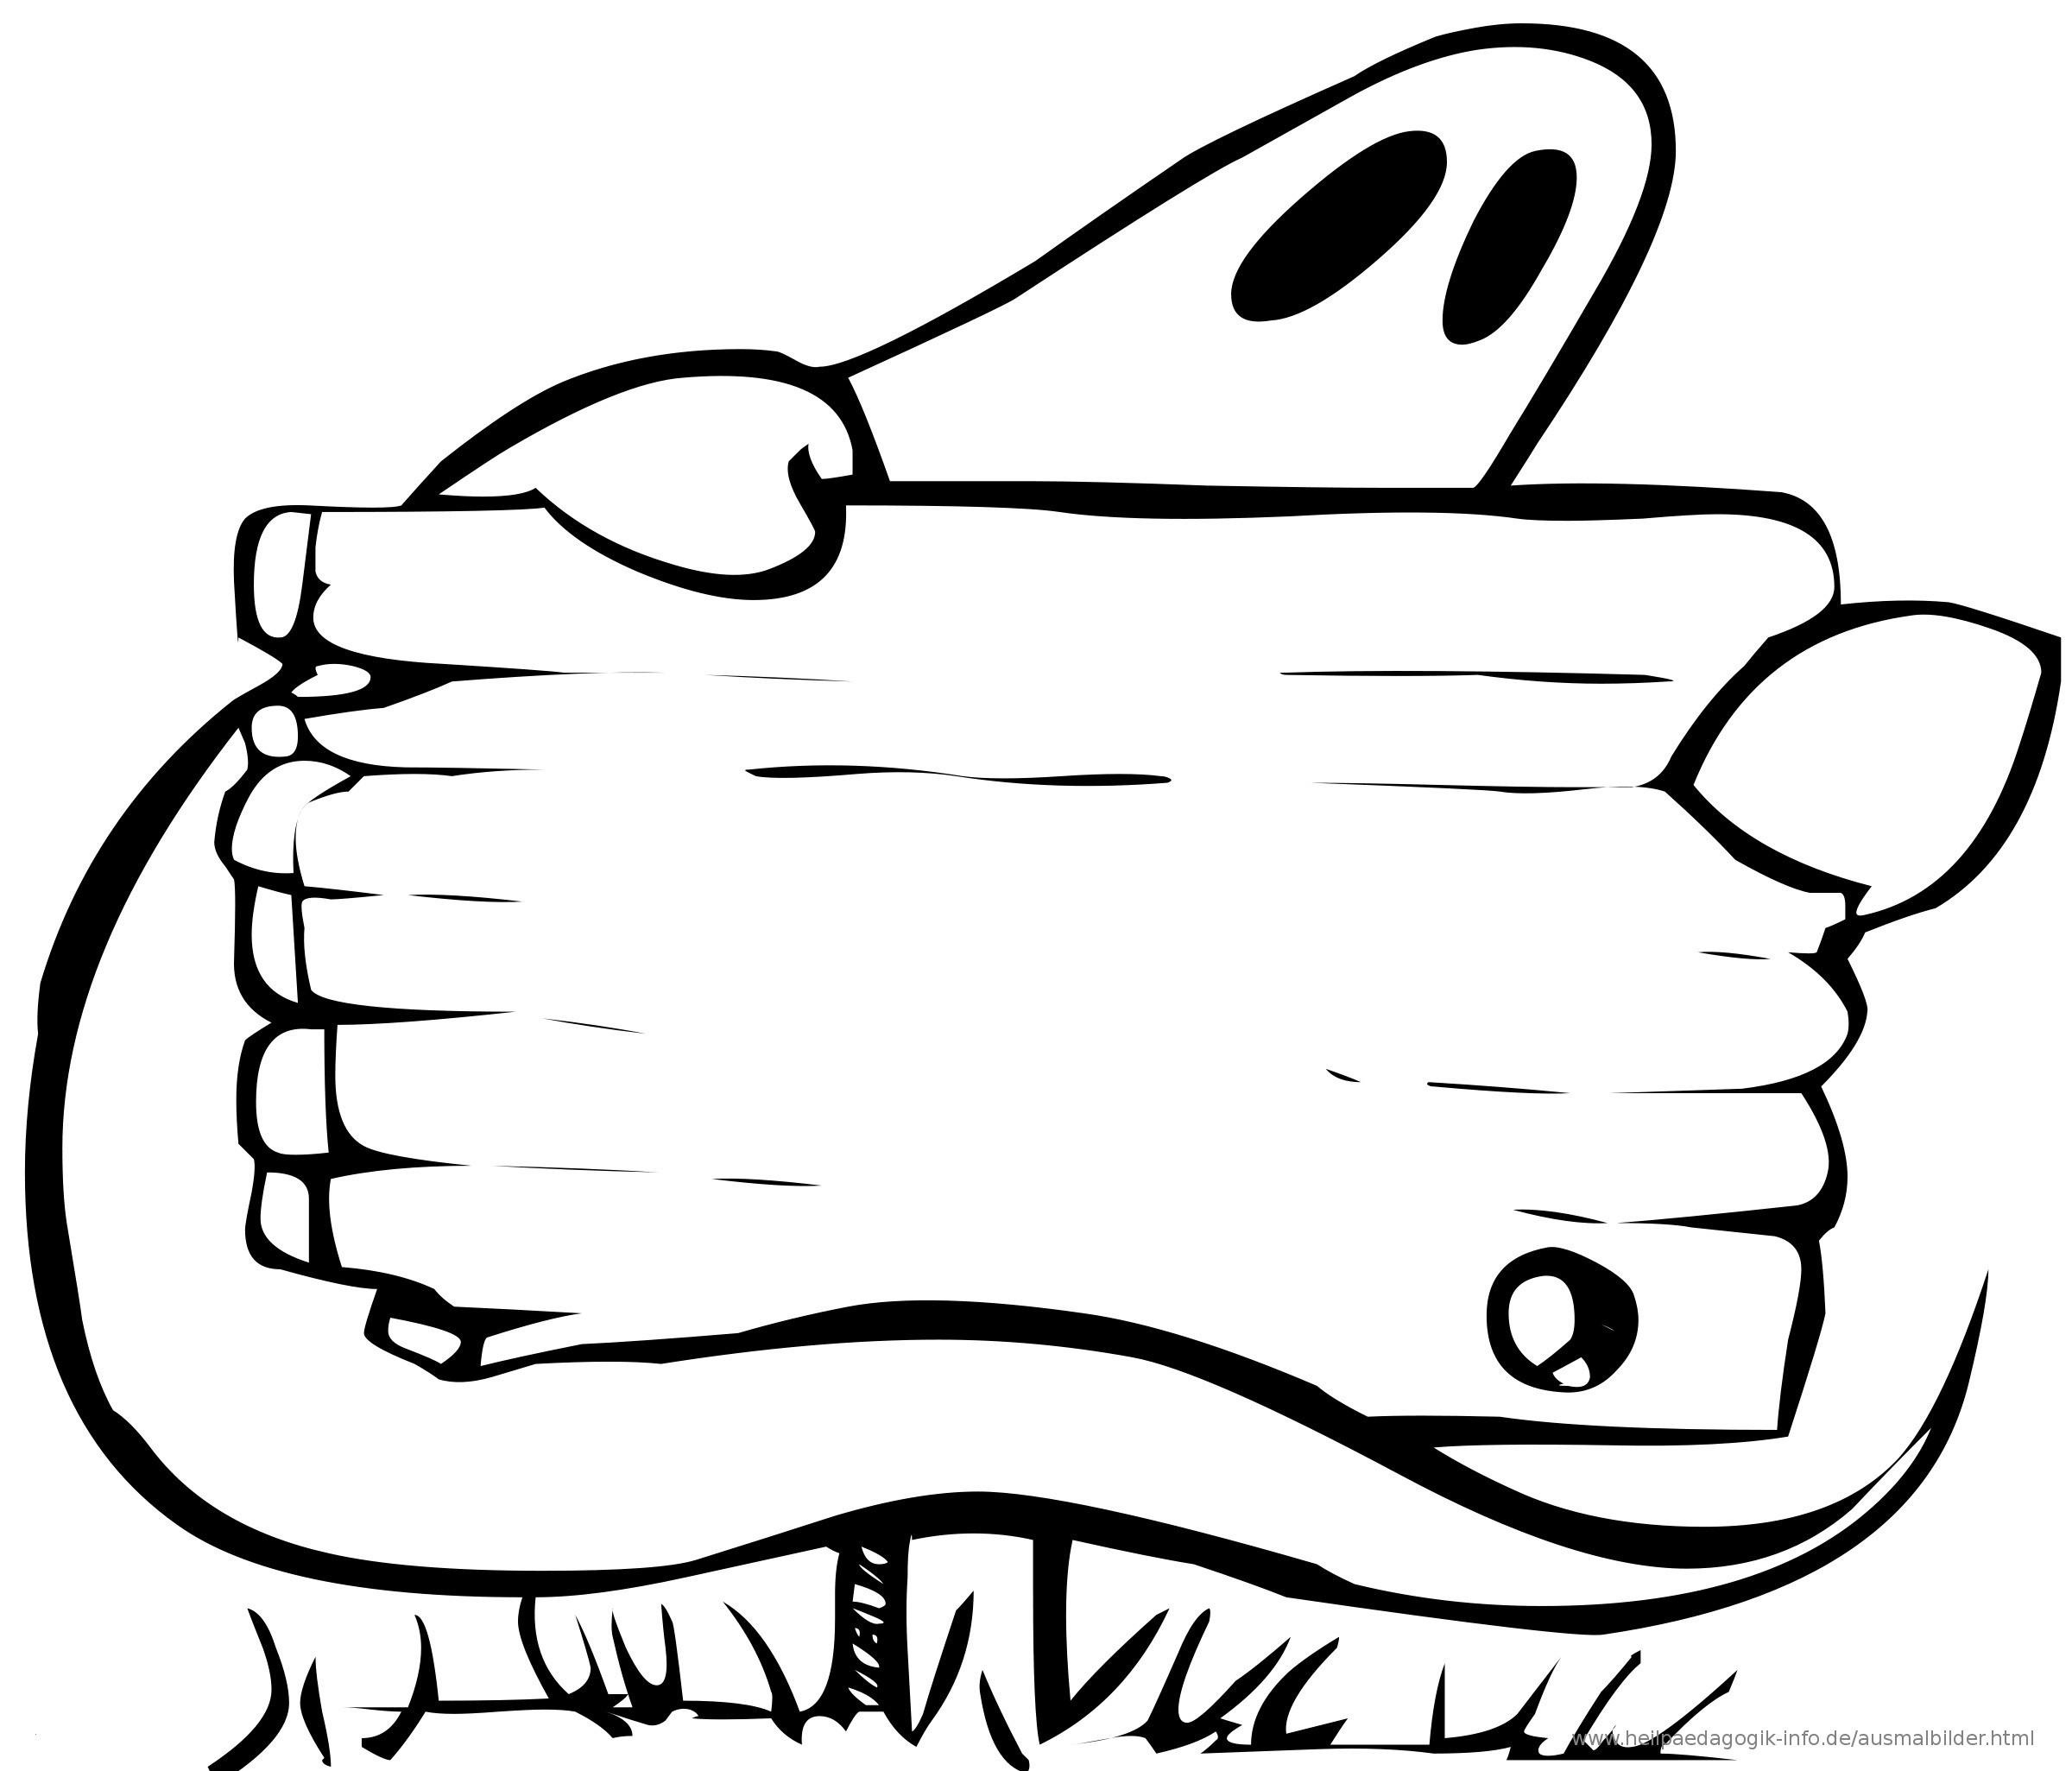 Malvorlagen Halloween Geist Neu Halloween Ausmalbilder Geister Luxus Ausmalbilder Jaguar Neu Baby Bilder